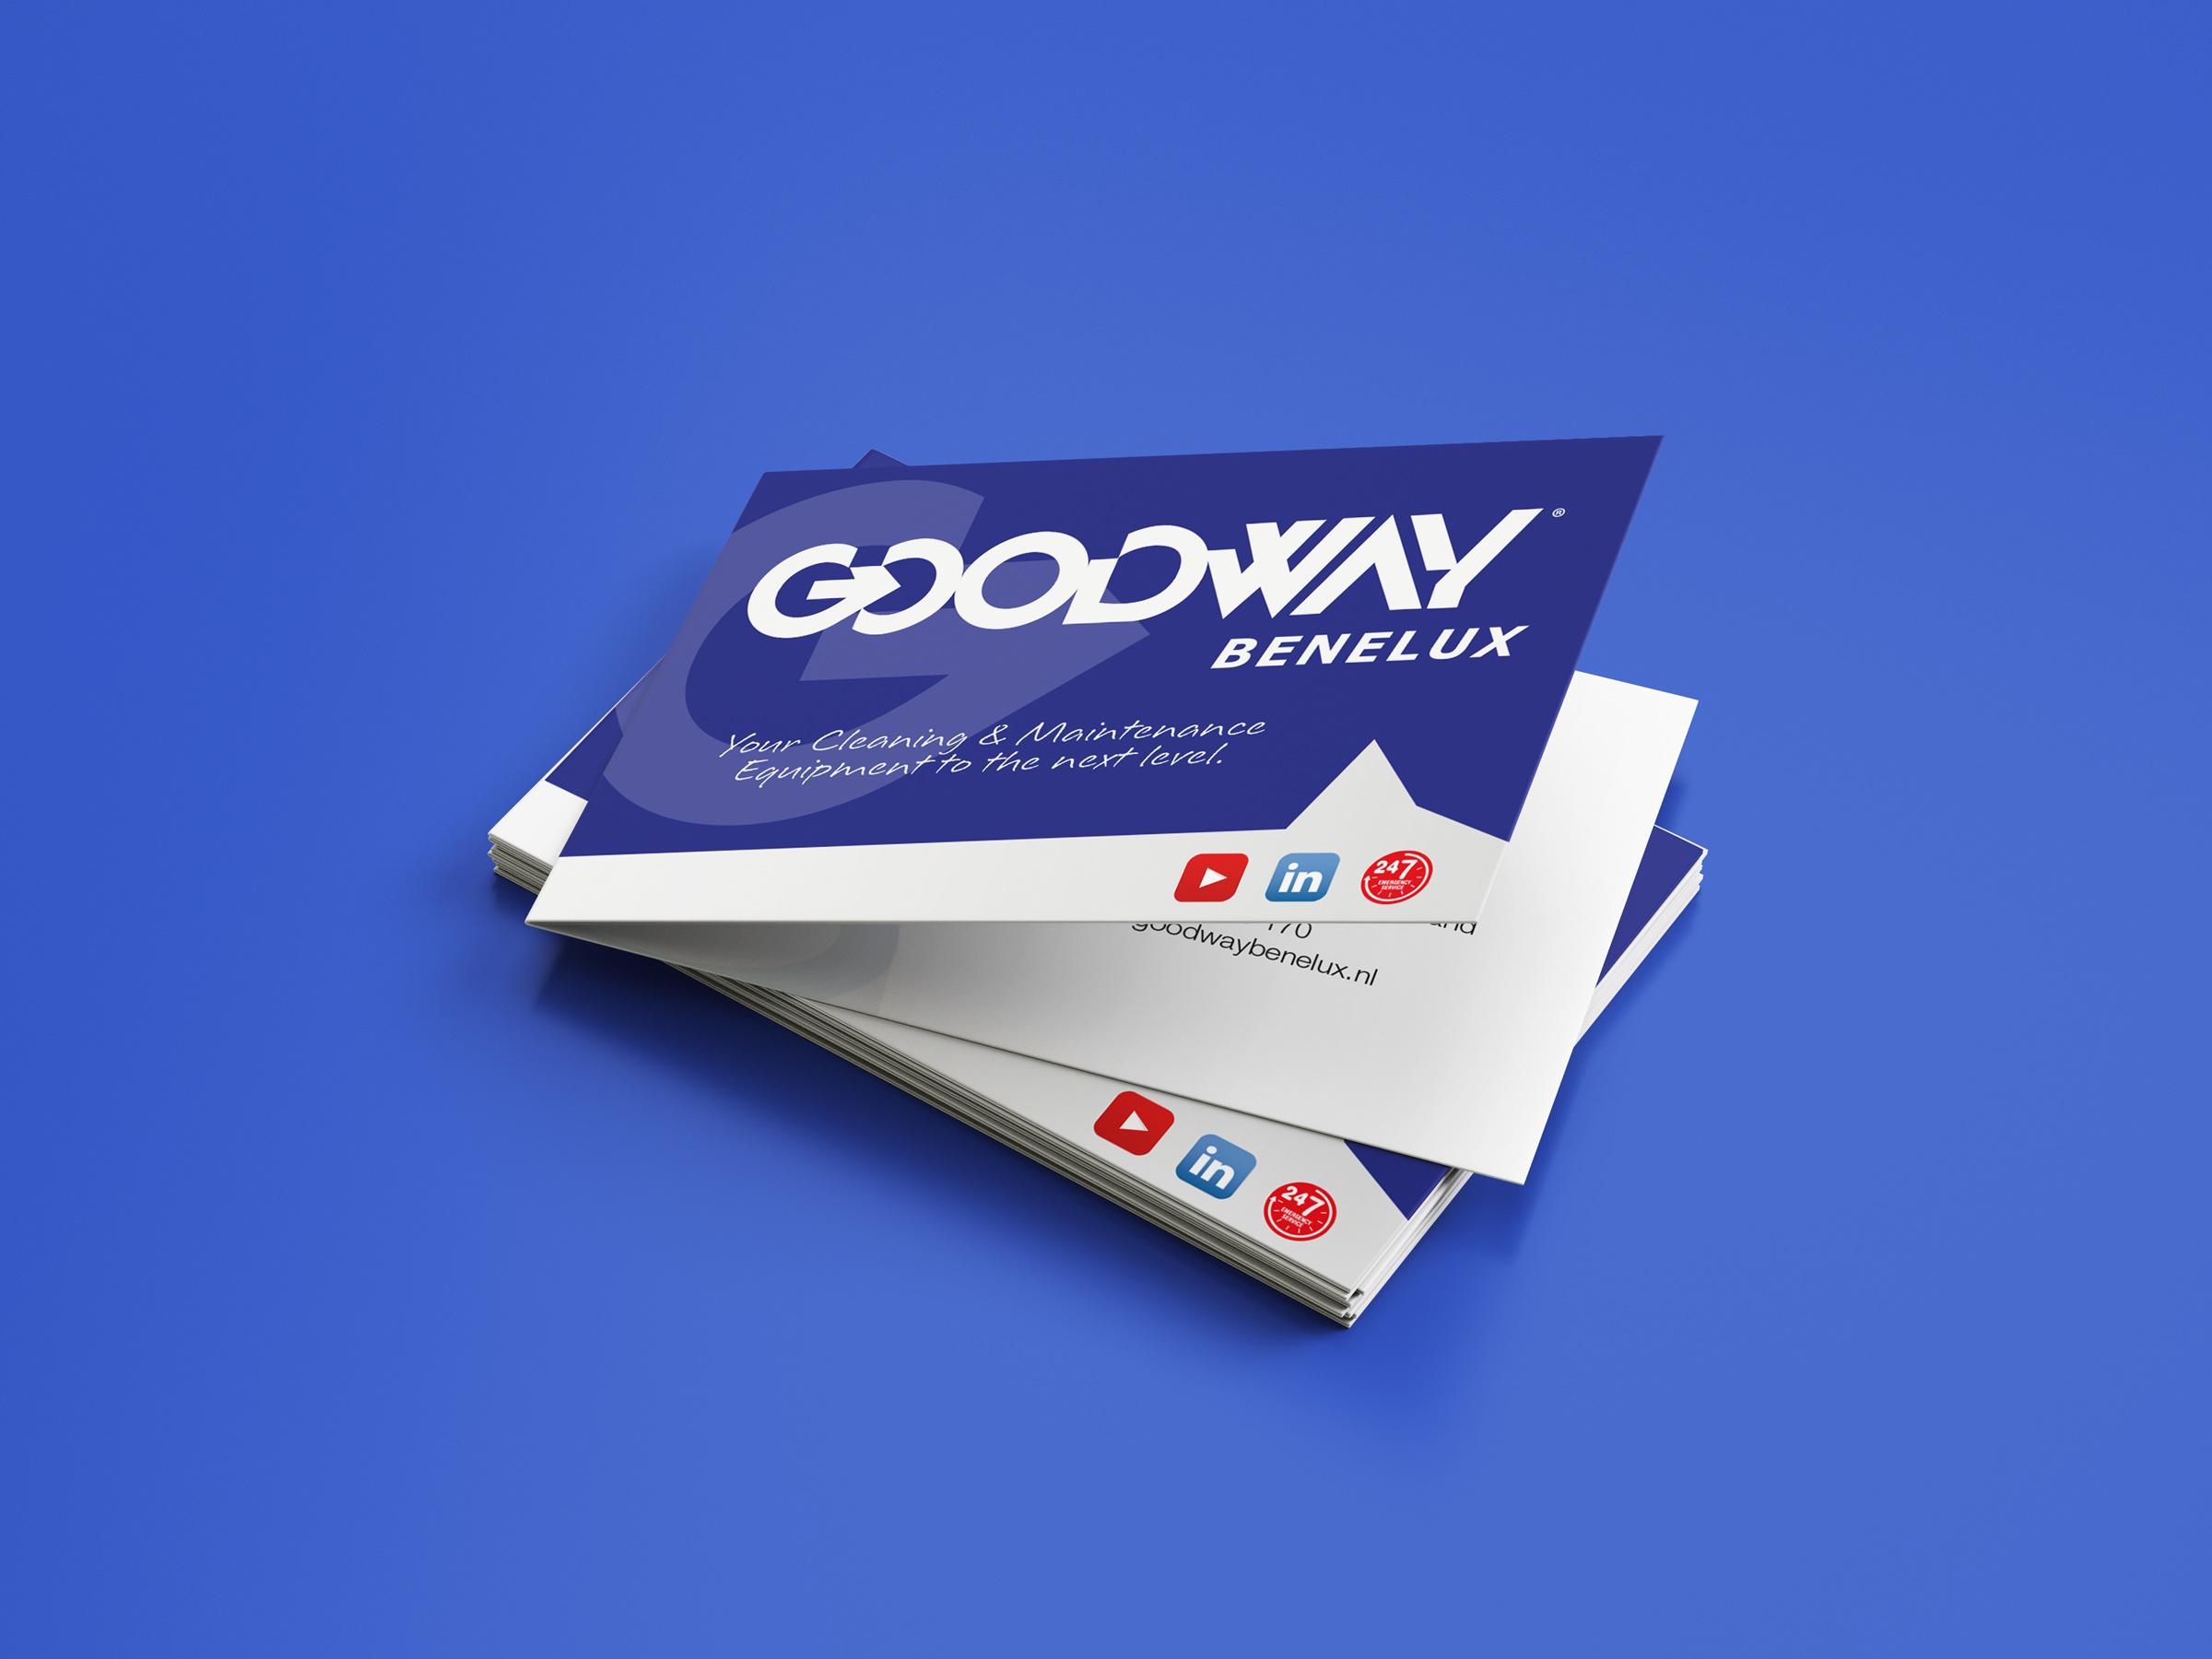 Goodway Benelux visitekaartjes